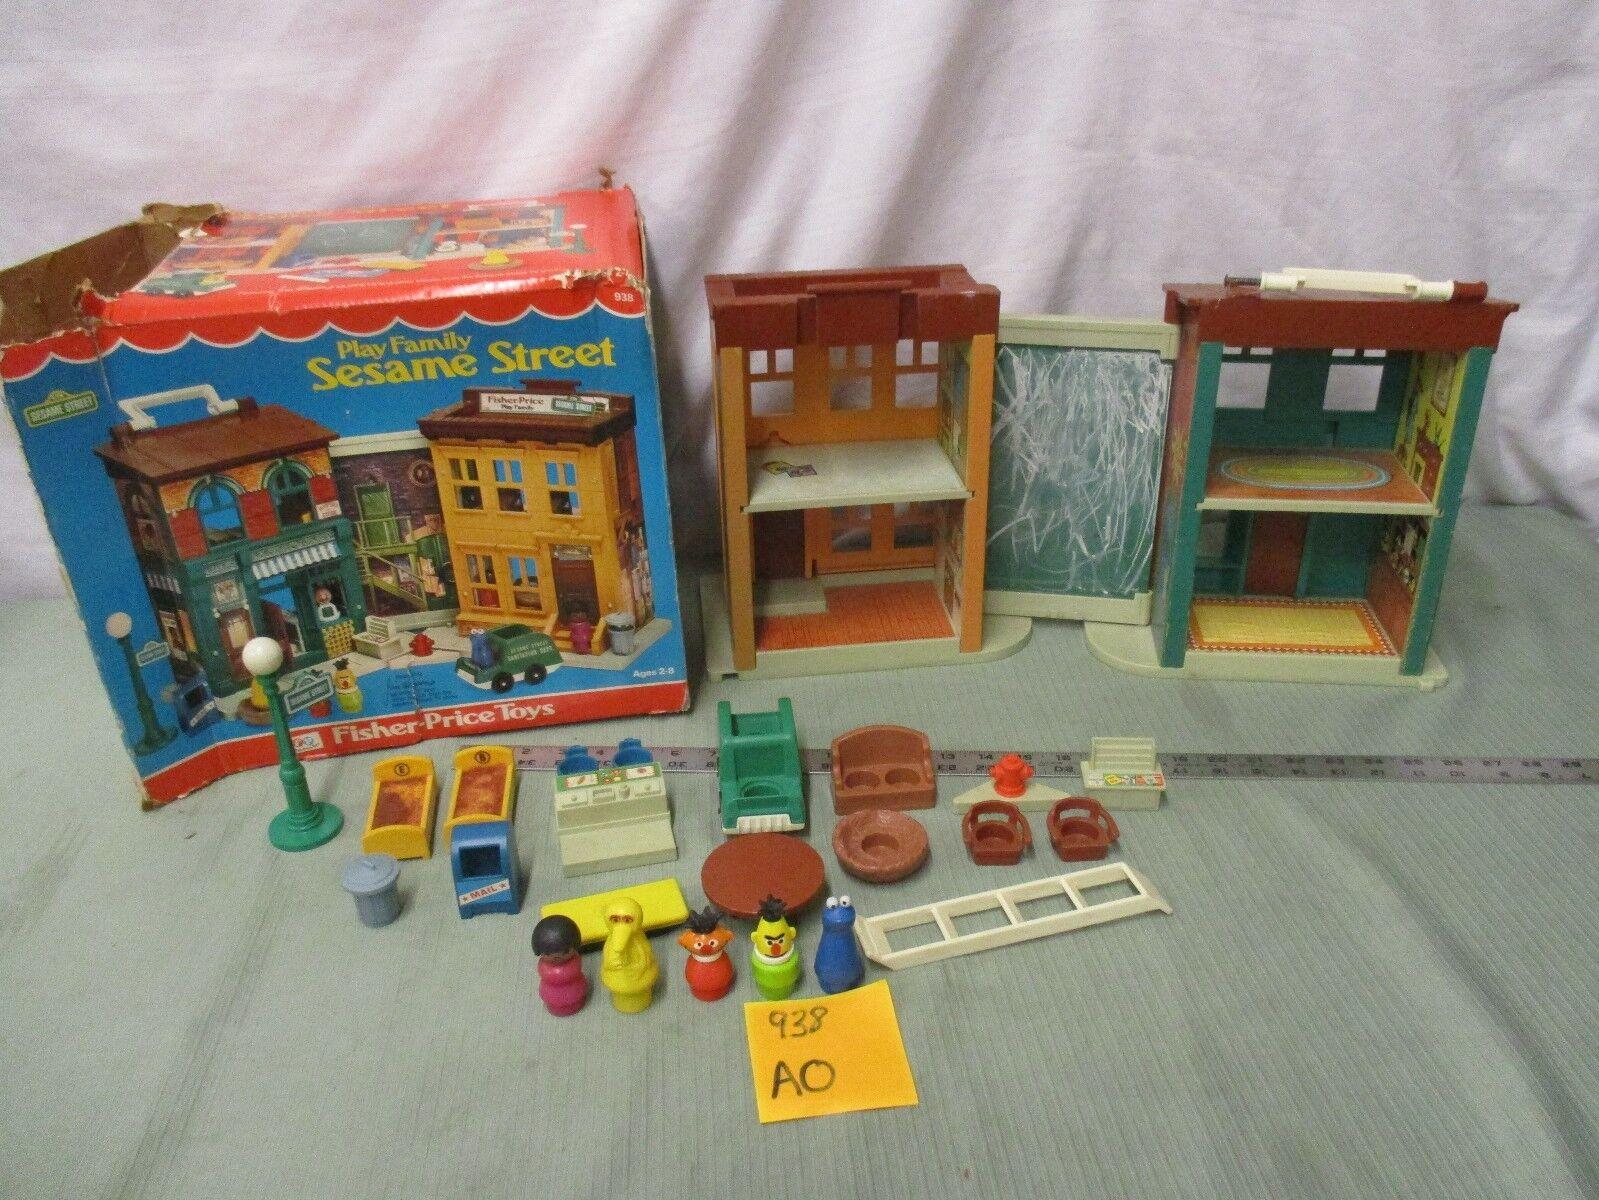 Fisher Price liten människor spela Family Sesame Street 938 Ladder set bert Ao